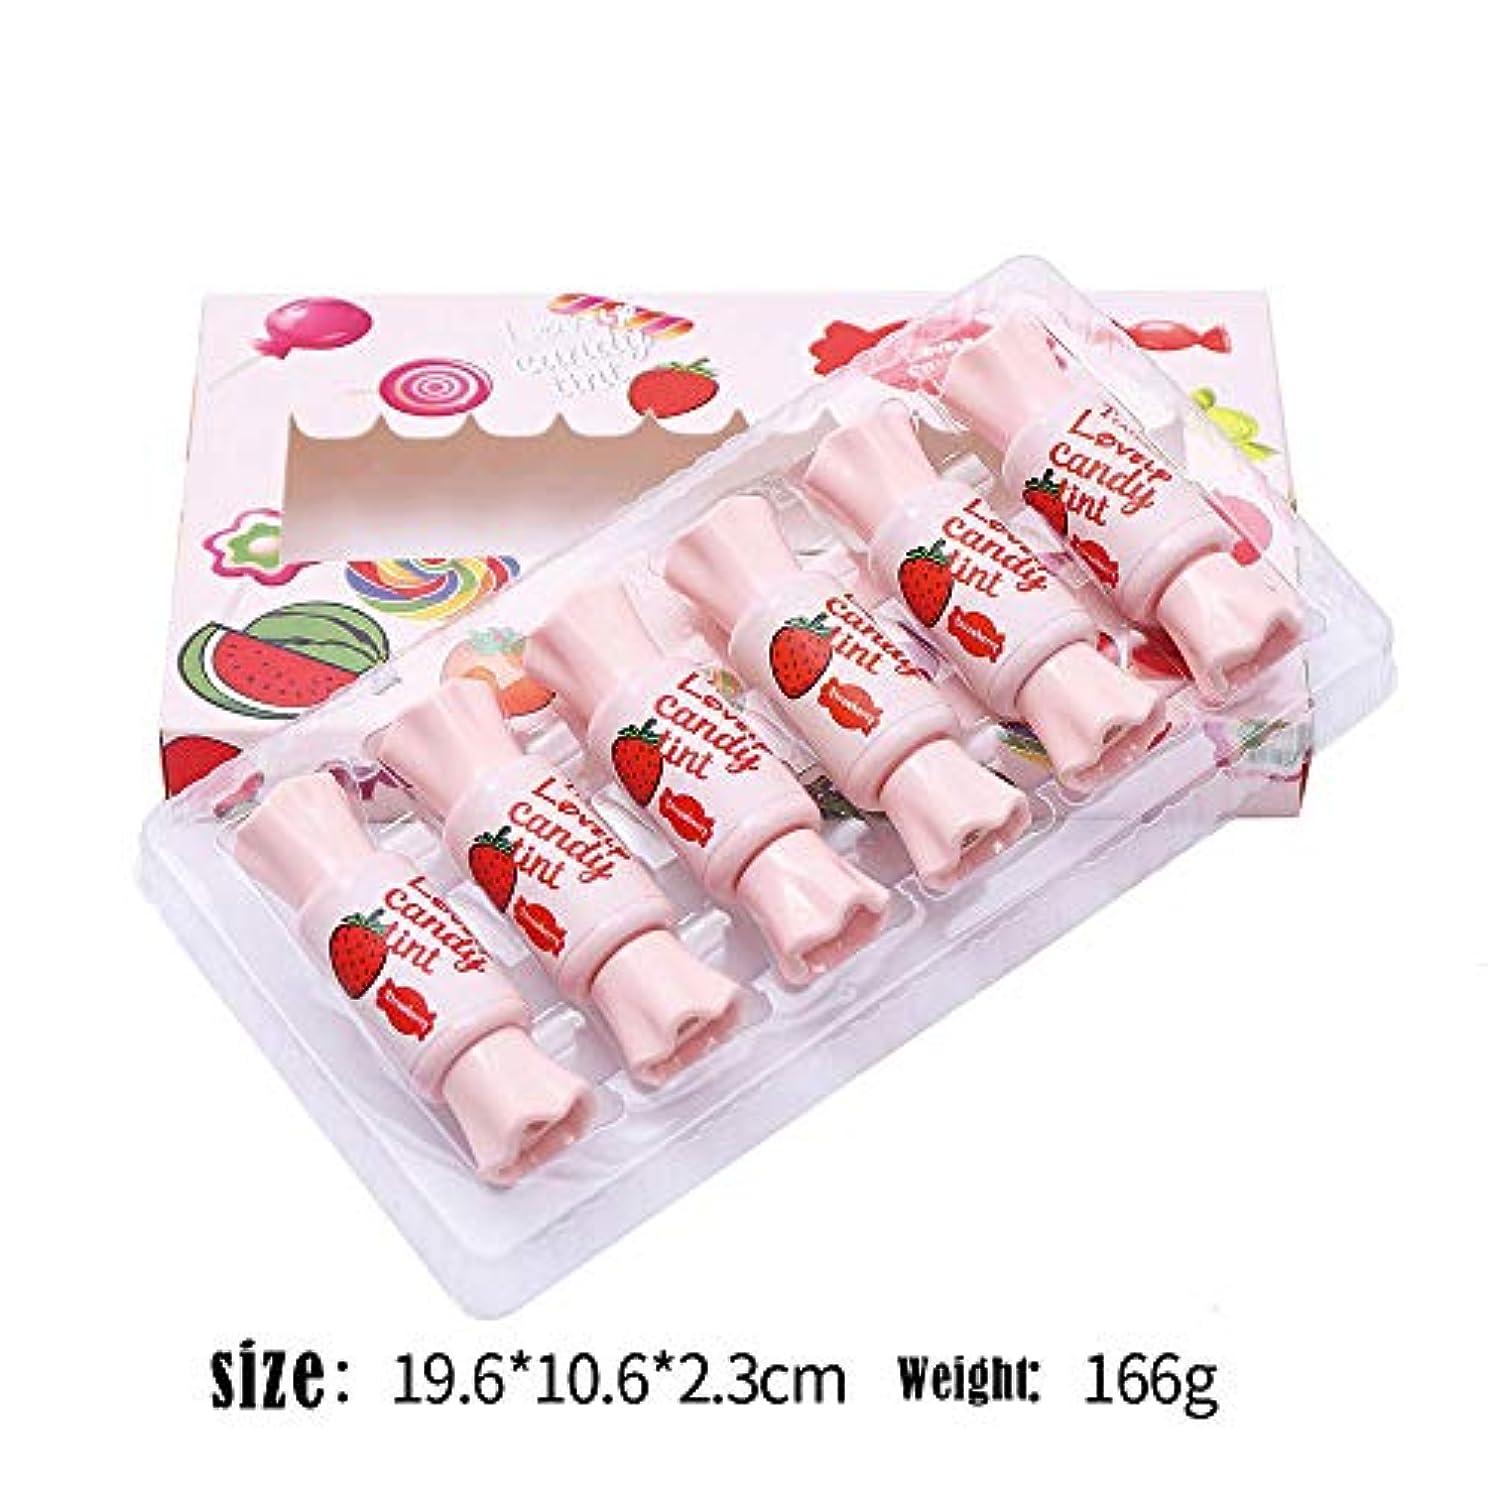 キャンディーセットボックスフルーツリップグレーズ耐久性のある防水ノンマーキングノンスティックカップリップカラー染料リップ液体水口紅6